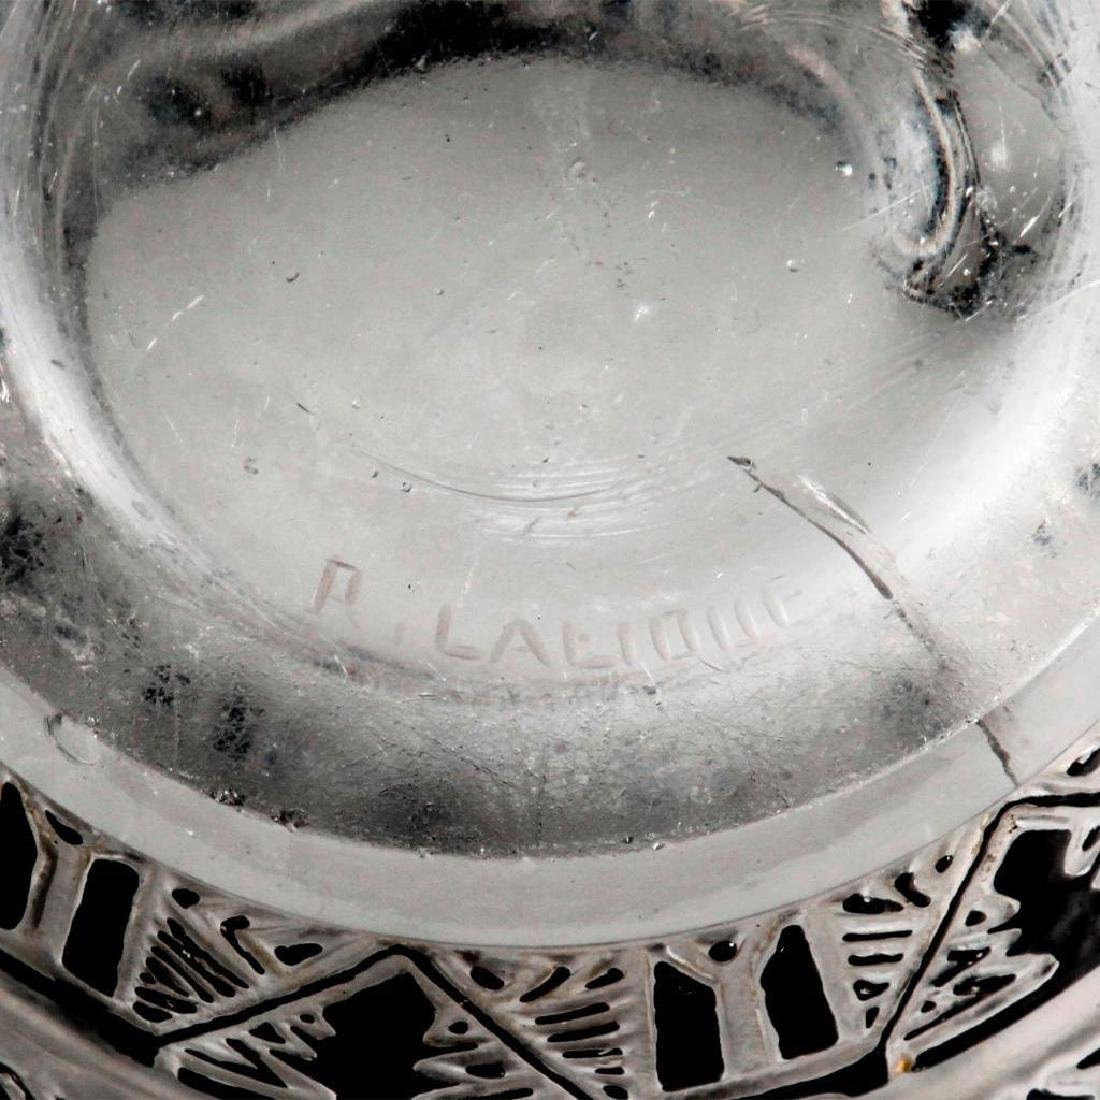 RENE LALIQUE LAGAMAR ART DECO GLASS VASE - 5